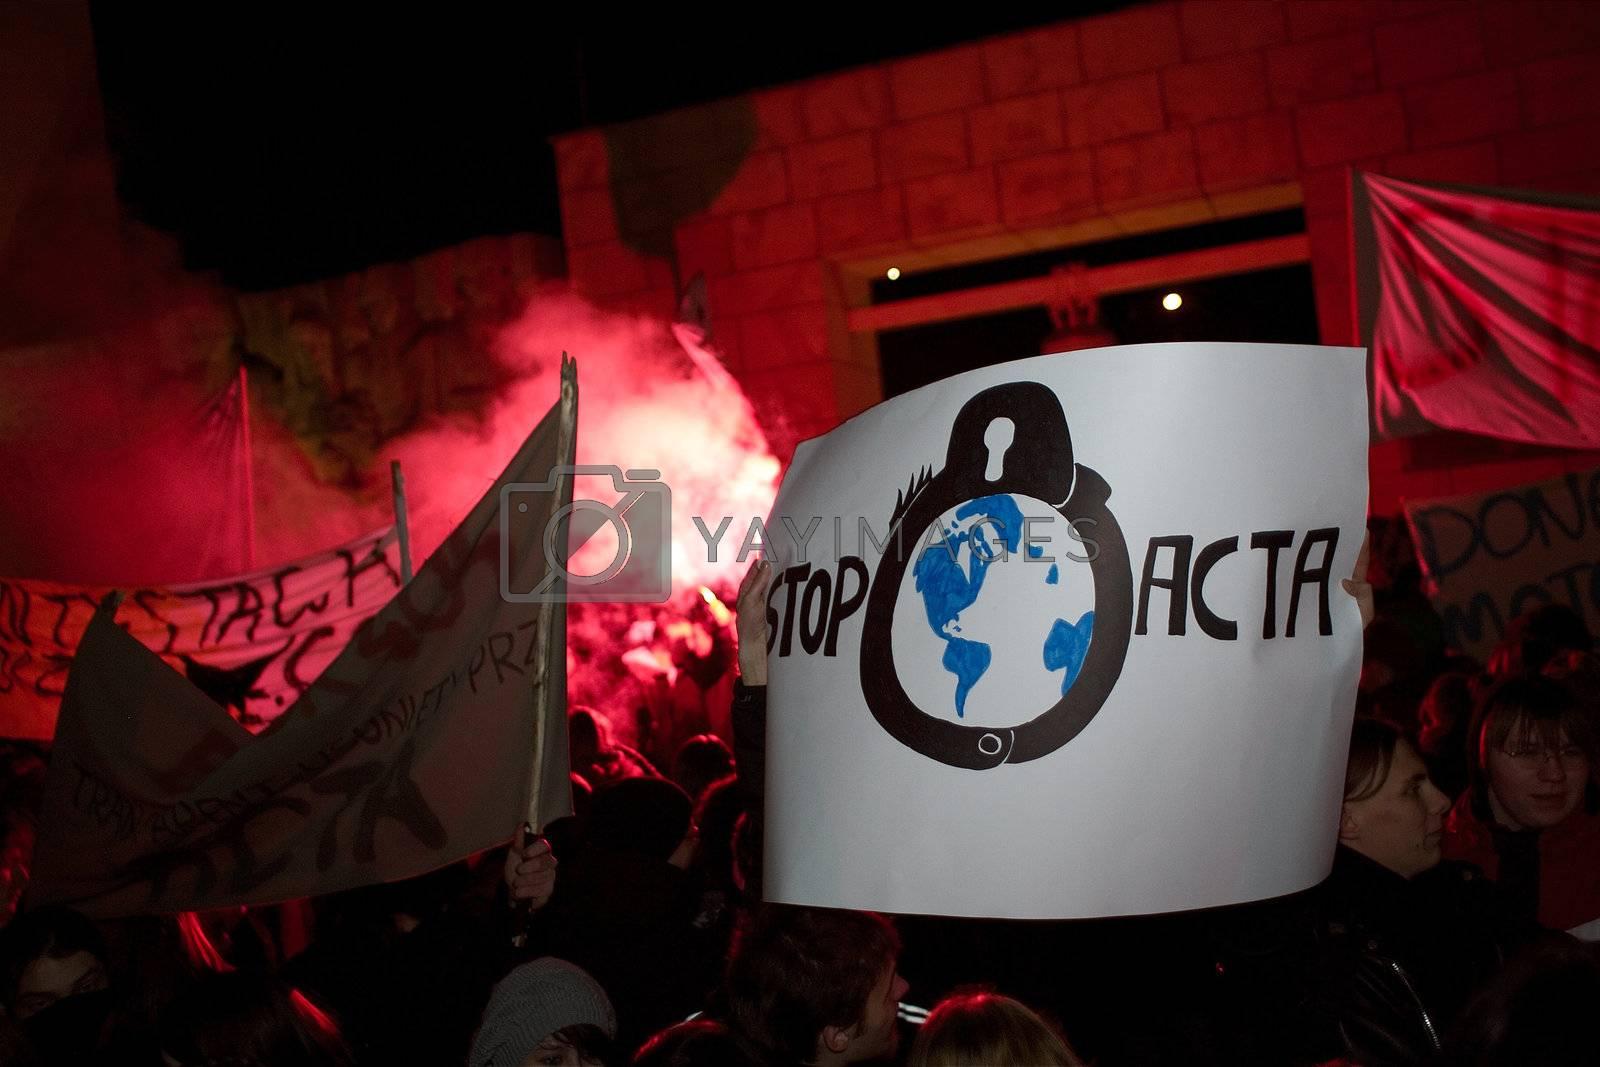 2012.01.25 Gorzow Wielkopolski. Anti ACTA ( Anti-Counterfeiting Trade Agreement ) manifestation.